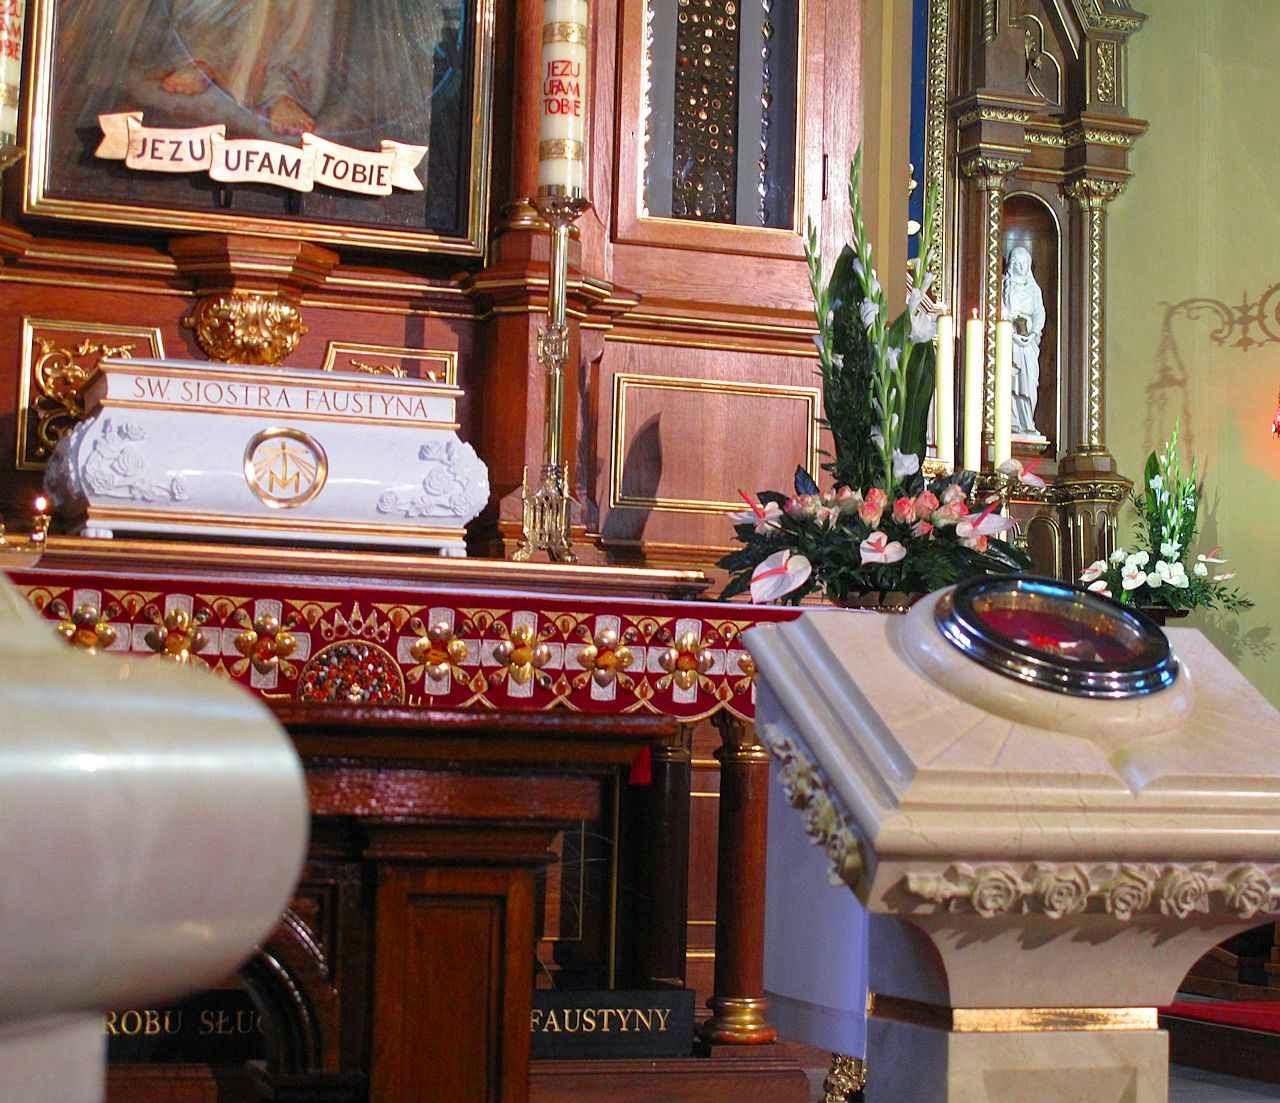 Urna e relíquia de Santa Faustina. Santuário da Divina Misericórdia, Cracóvia, Polônia.